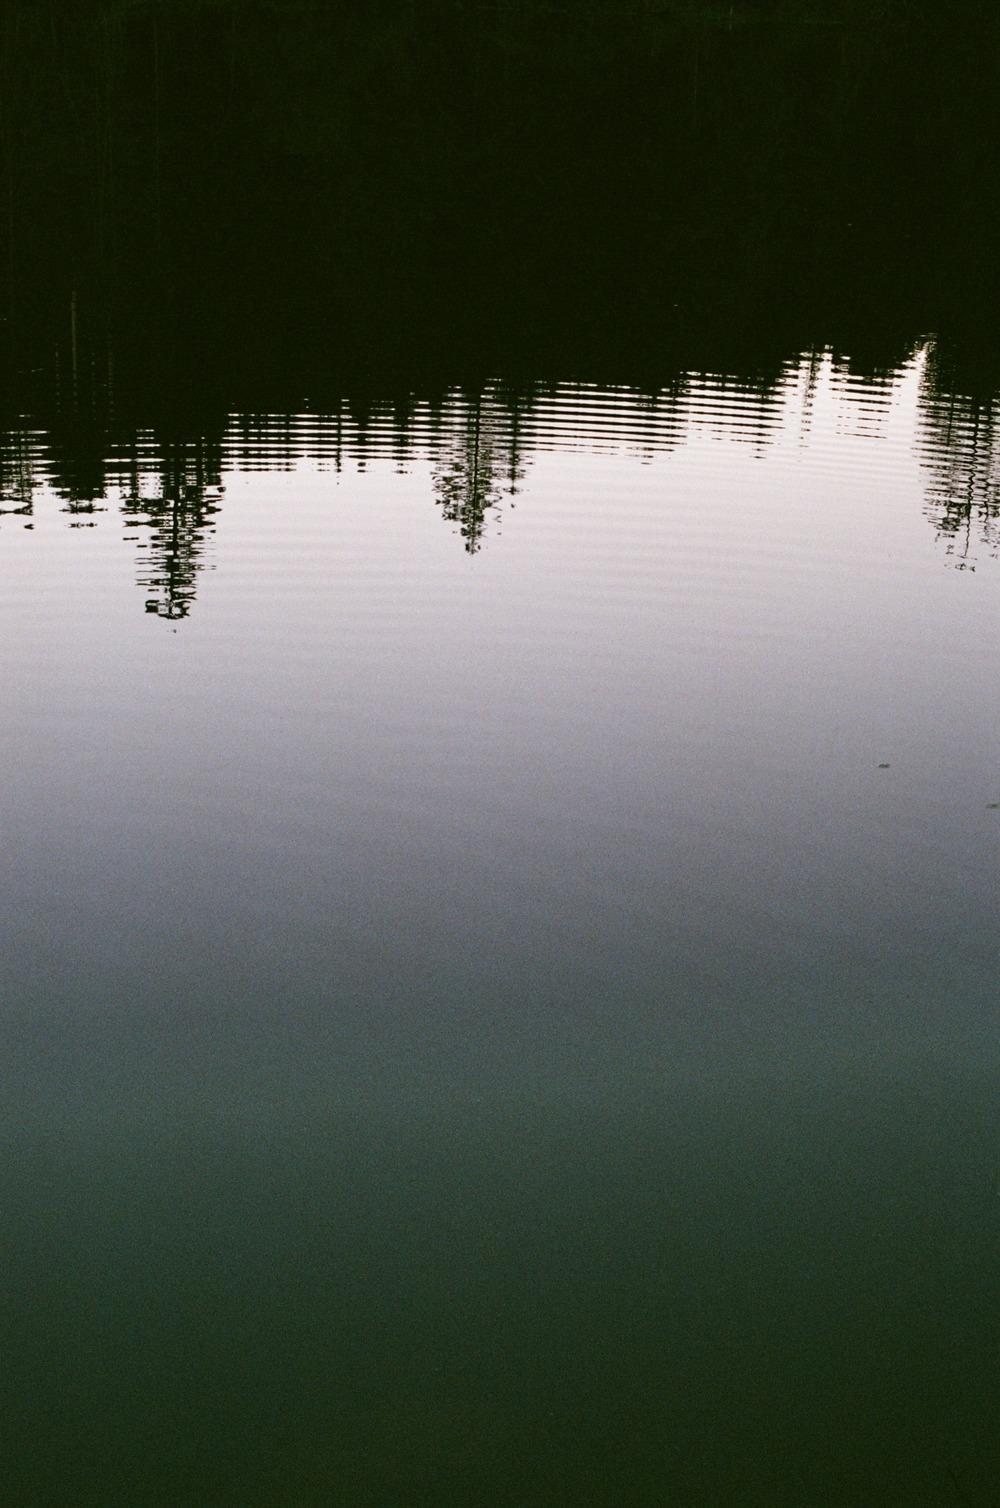 tumblr_n9i3bfjCu31rle04xo1_1280.jpg